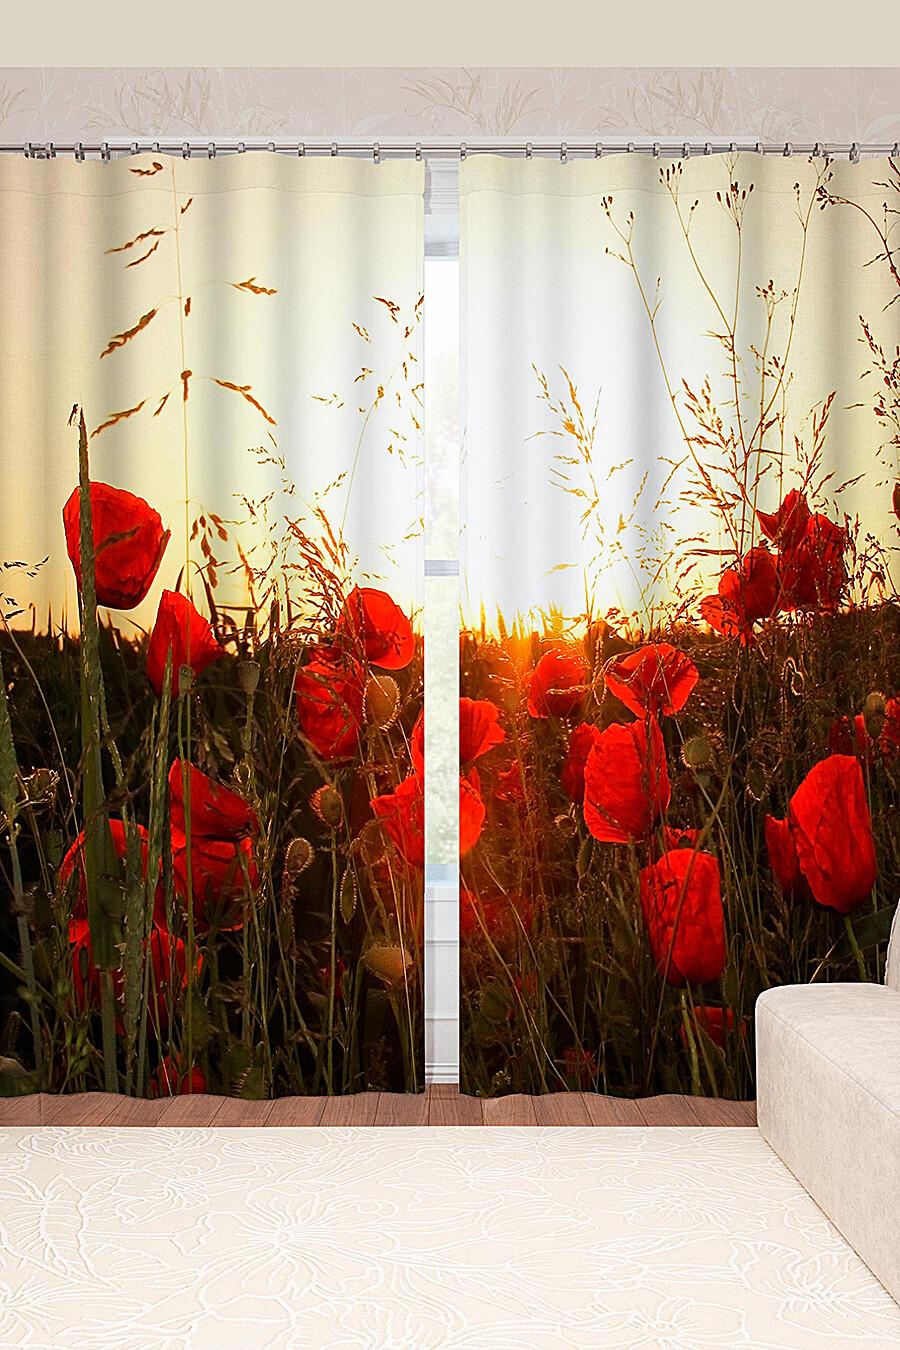 Фотошторы для дома ART HOME TEXTILE 123850 купить оптом от производителя. Совместная покупка товаров для дома в OptMoyo